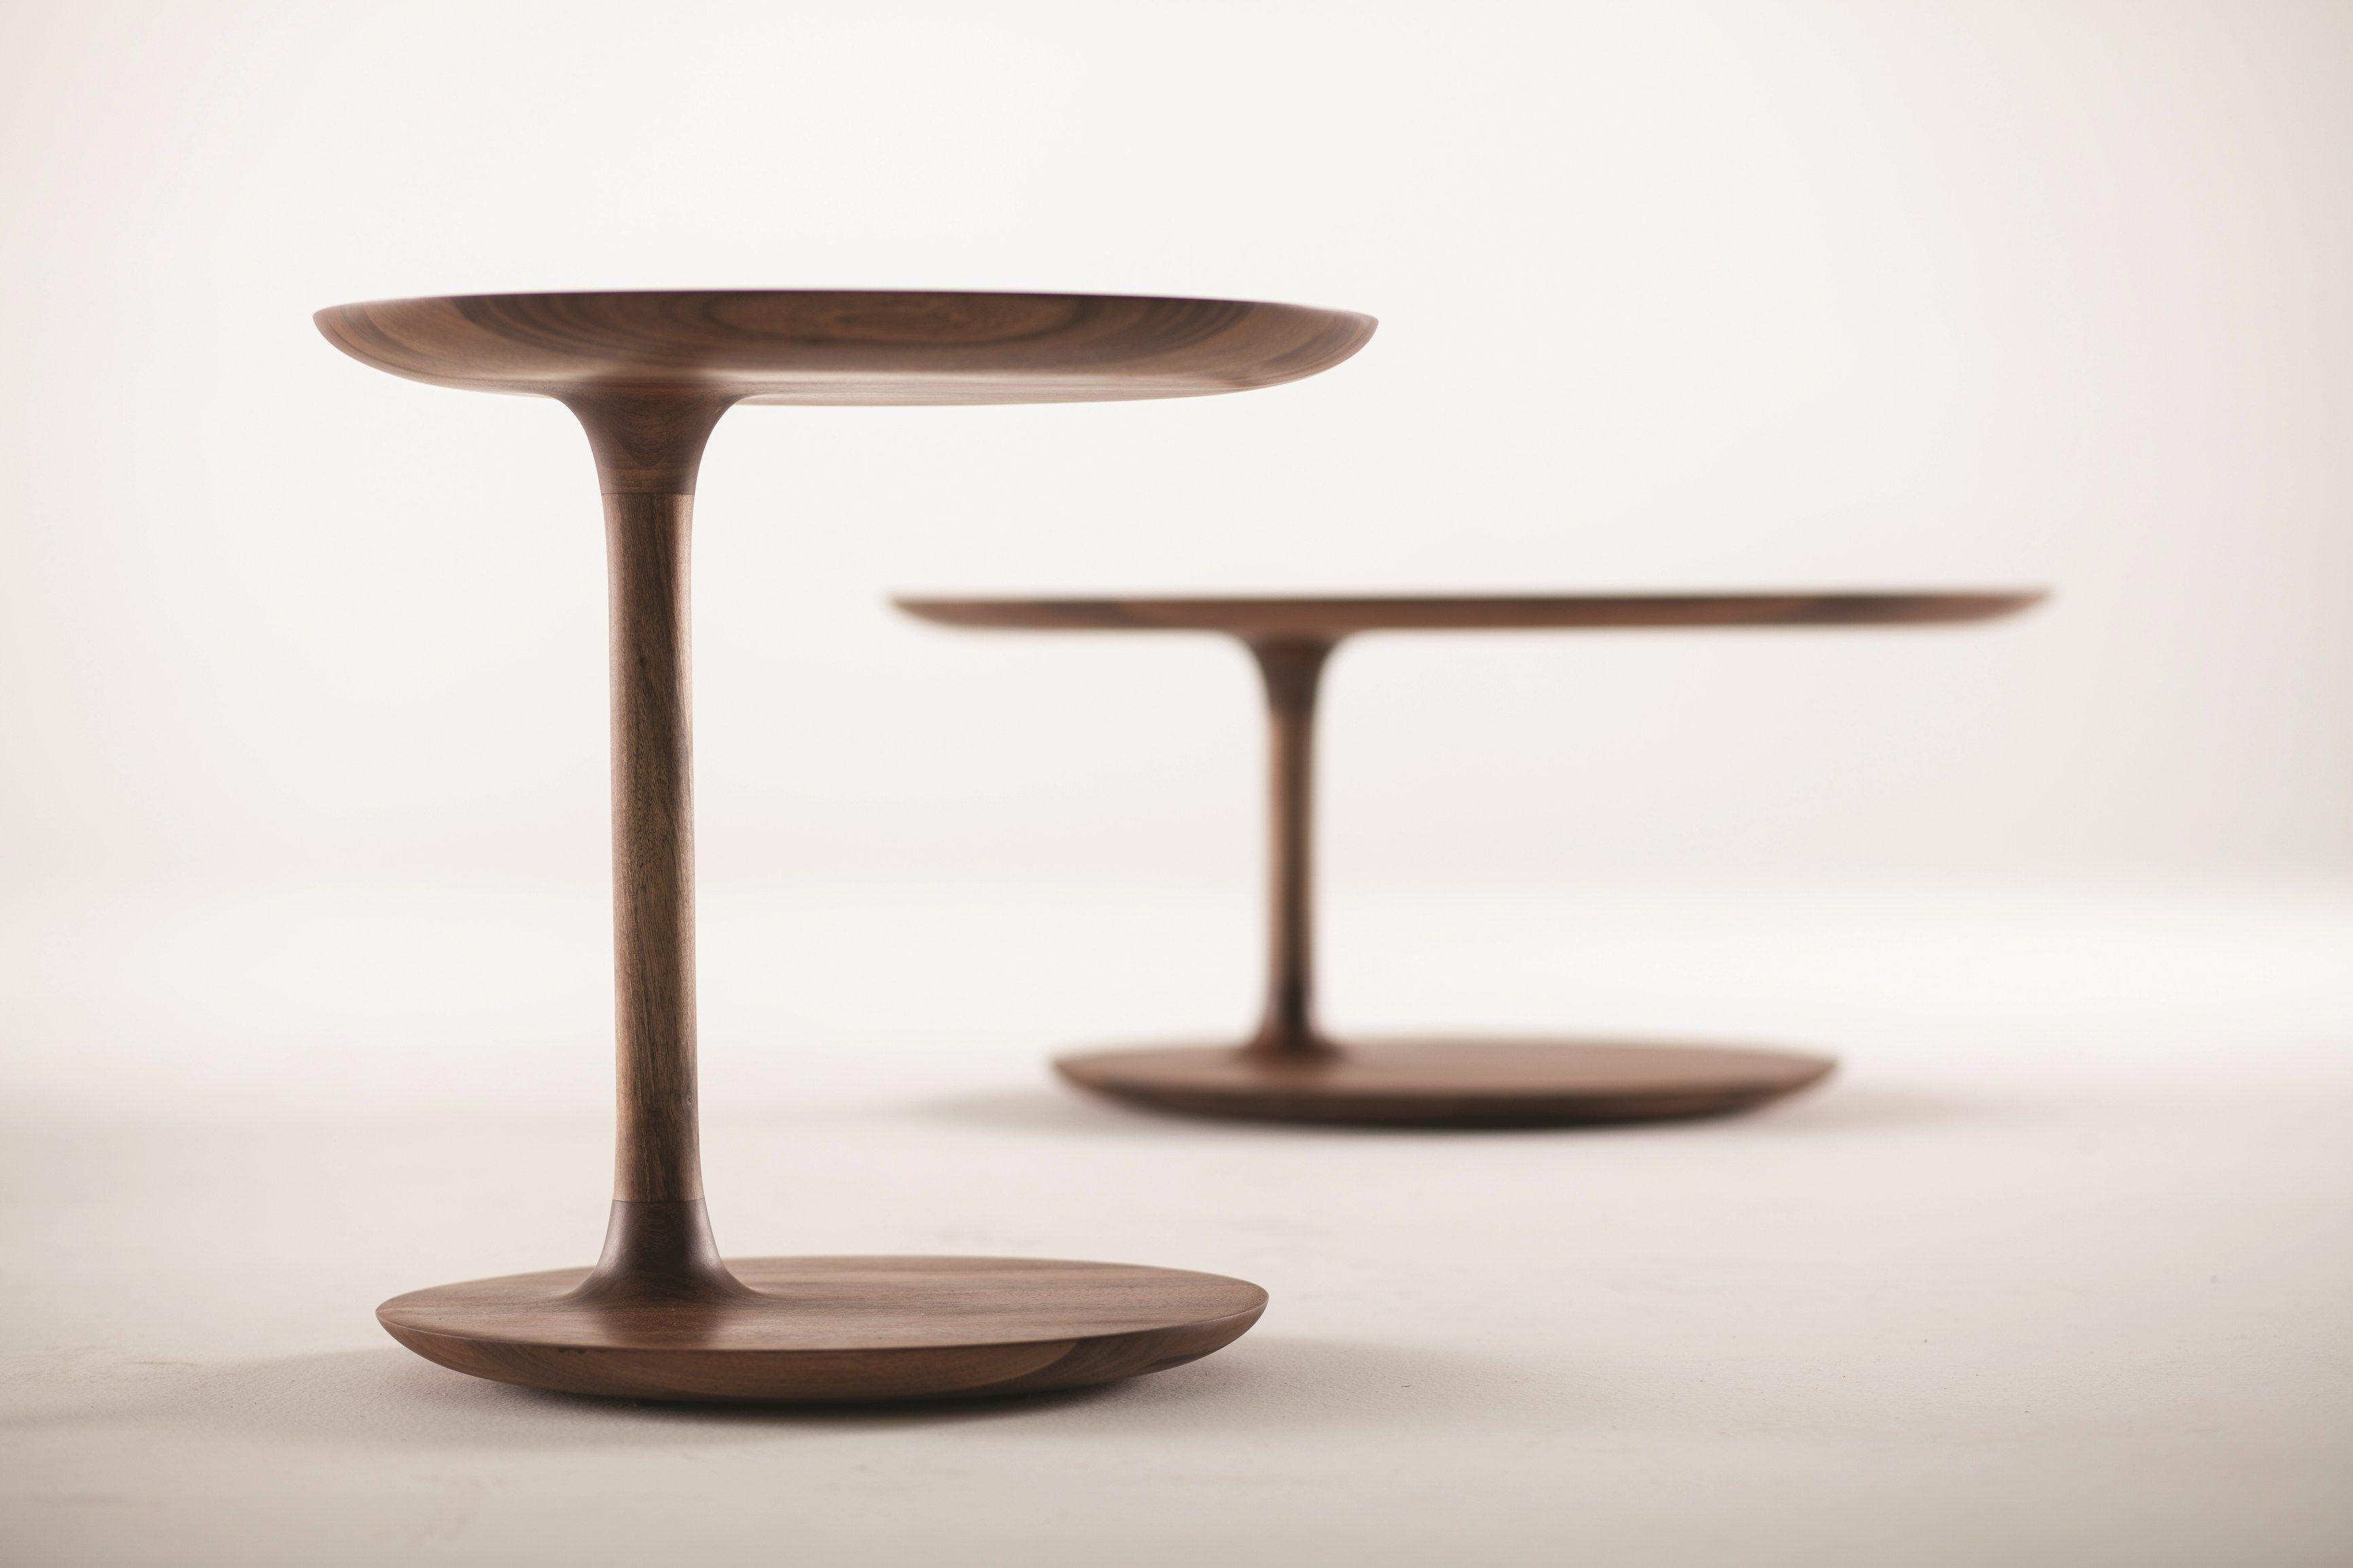 Niedriger Runder Couchtisch Aus Holz BLOOP By Artisan Design Rudjer  Novak Mikulic, Marija Ruzic